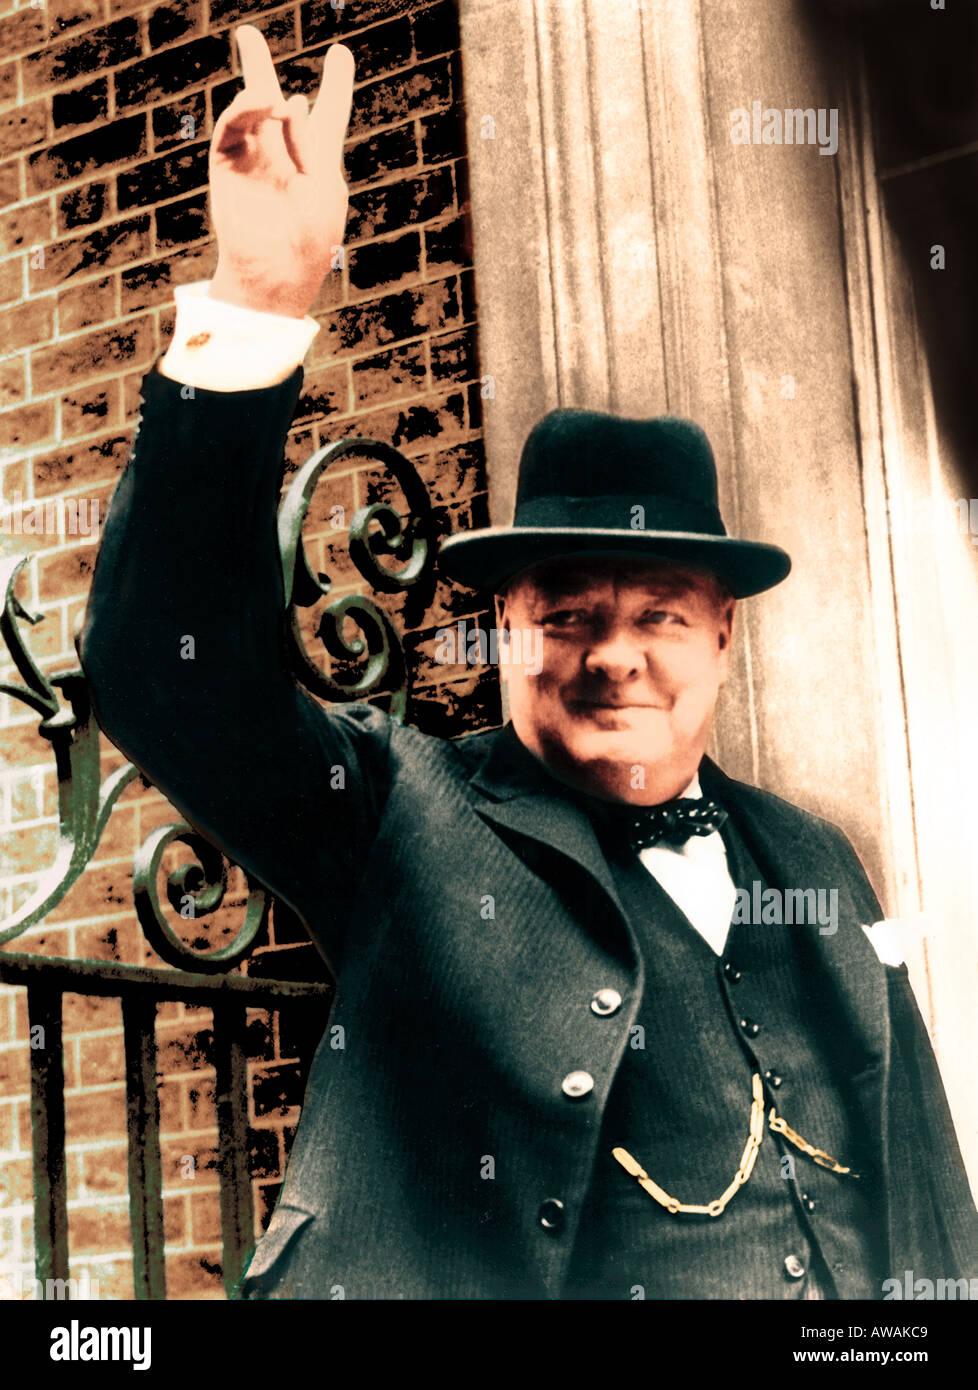 WINSTON CHURCHILL (1874-1965) Premier ministre britannique donne son signe V de la Victoire en avril 1945 à l'extérieur Banque D'Images